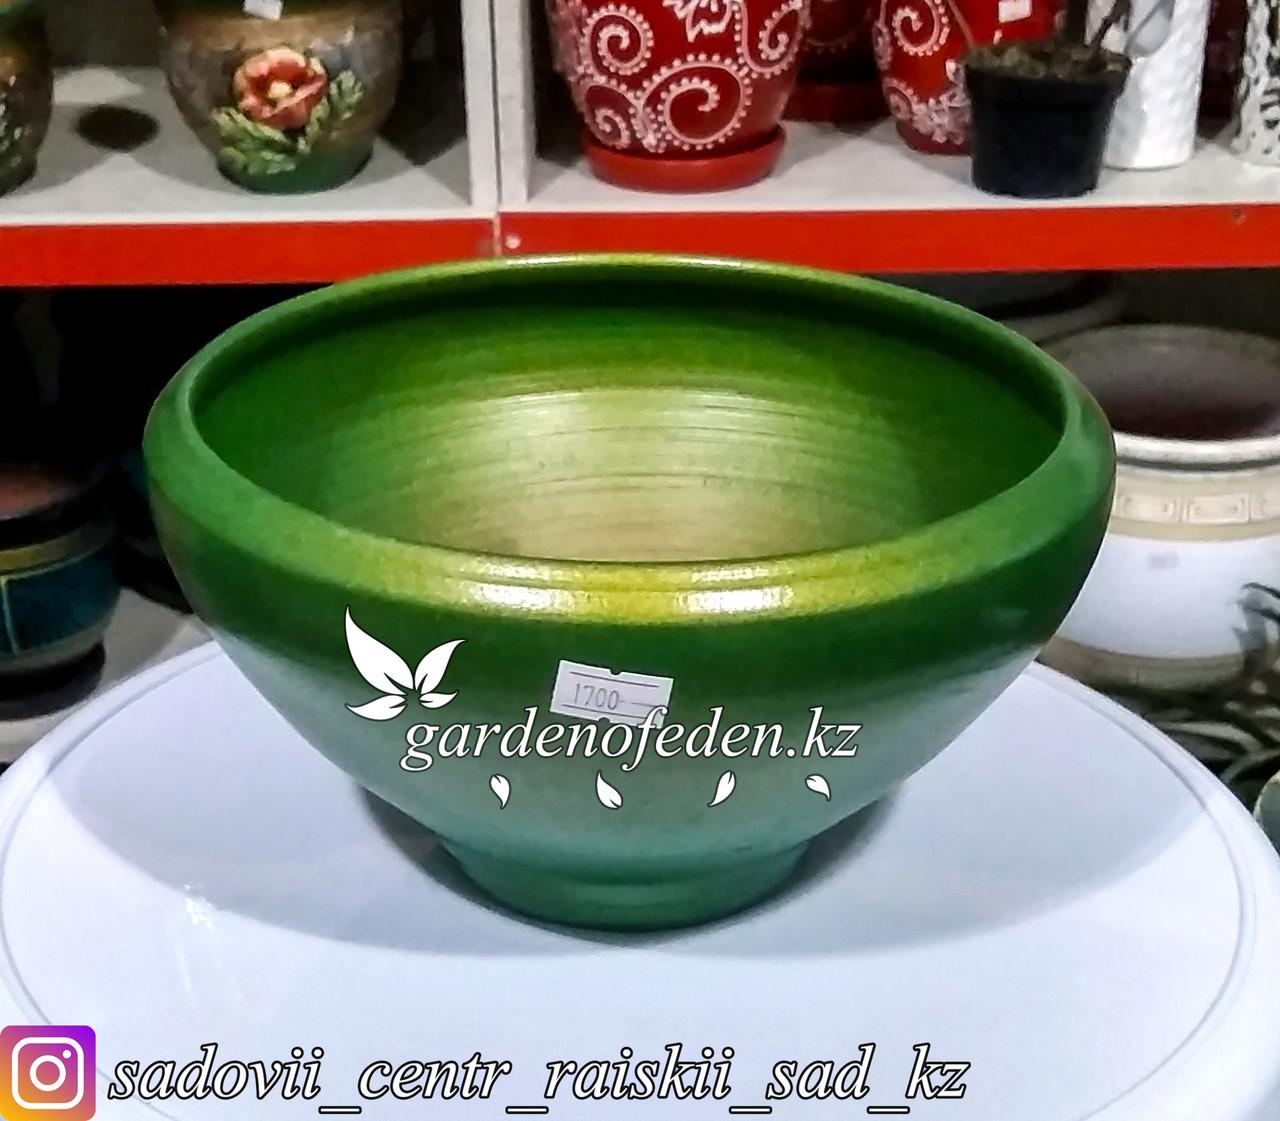 Керамический горшок для Бонсай и суккулентов. Объем: 1л. Цвет: Зеленый.